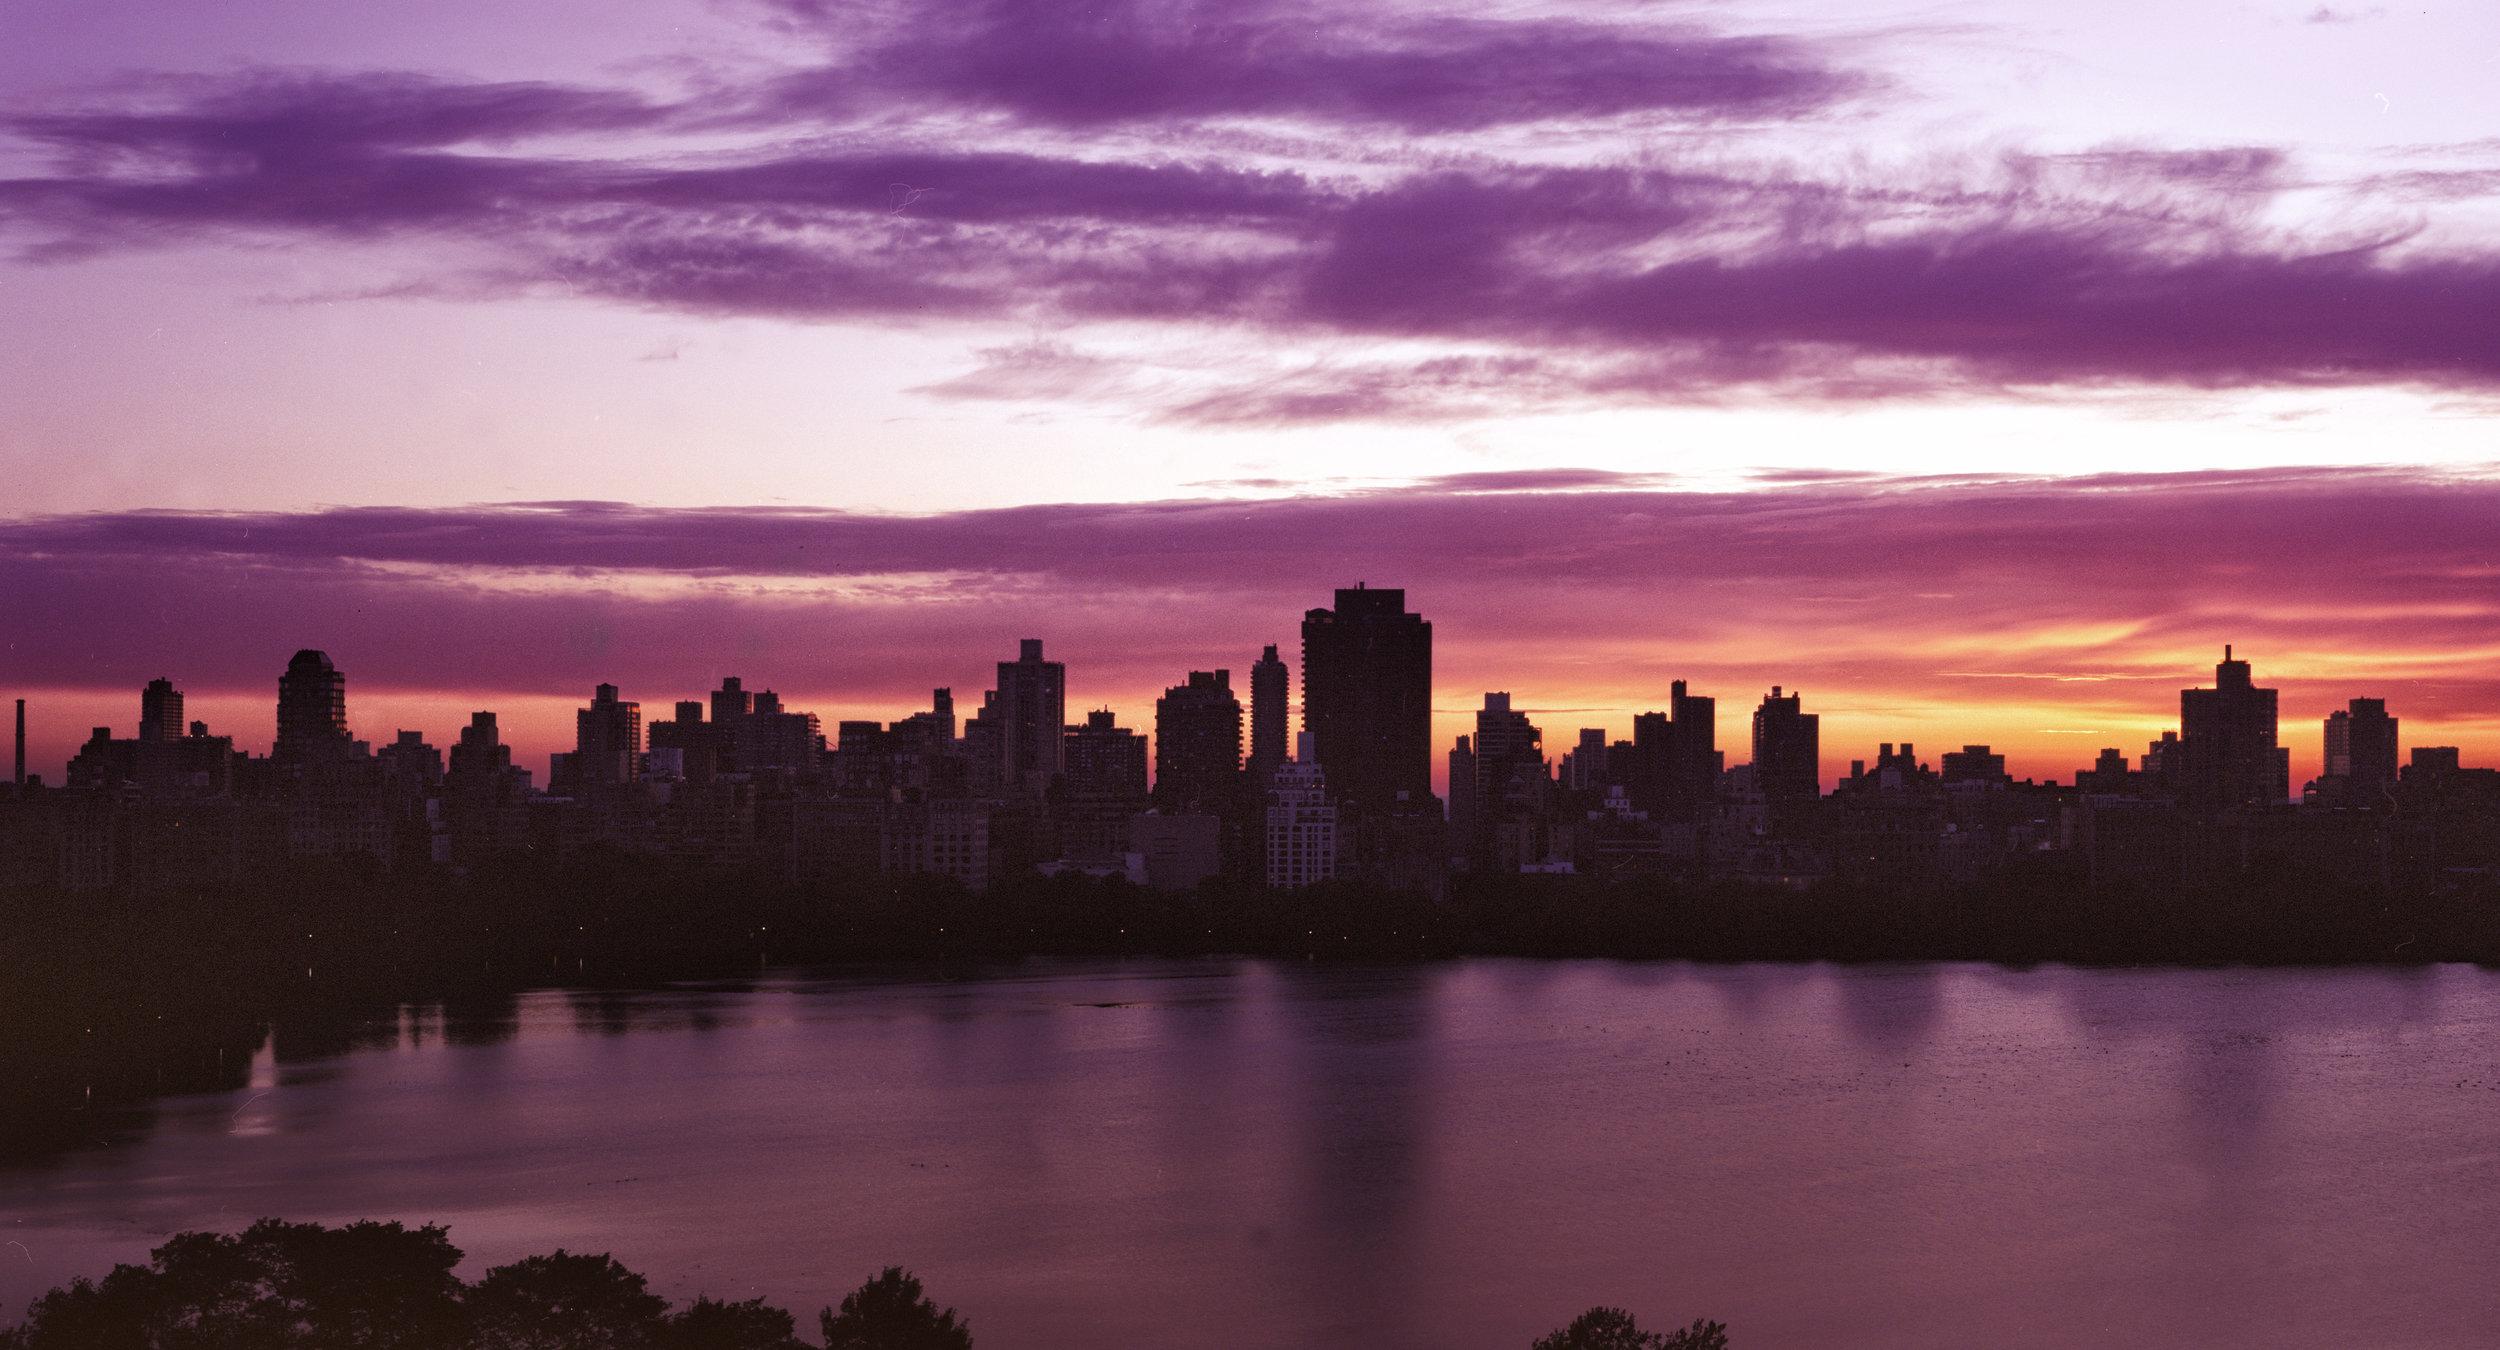 Sunrise @ Central Park - NYC, USA 1998